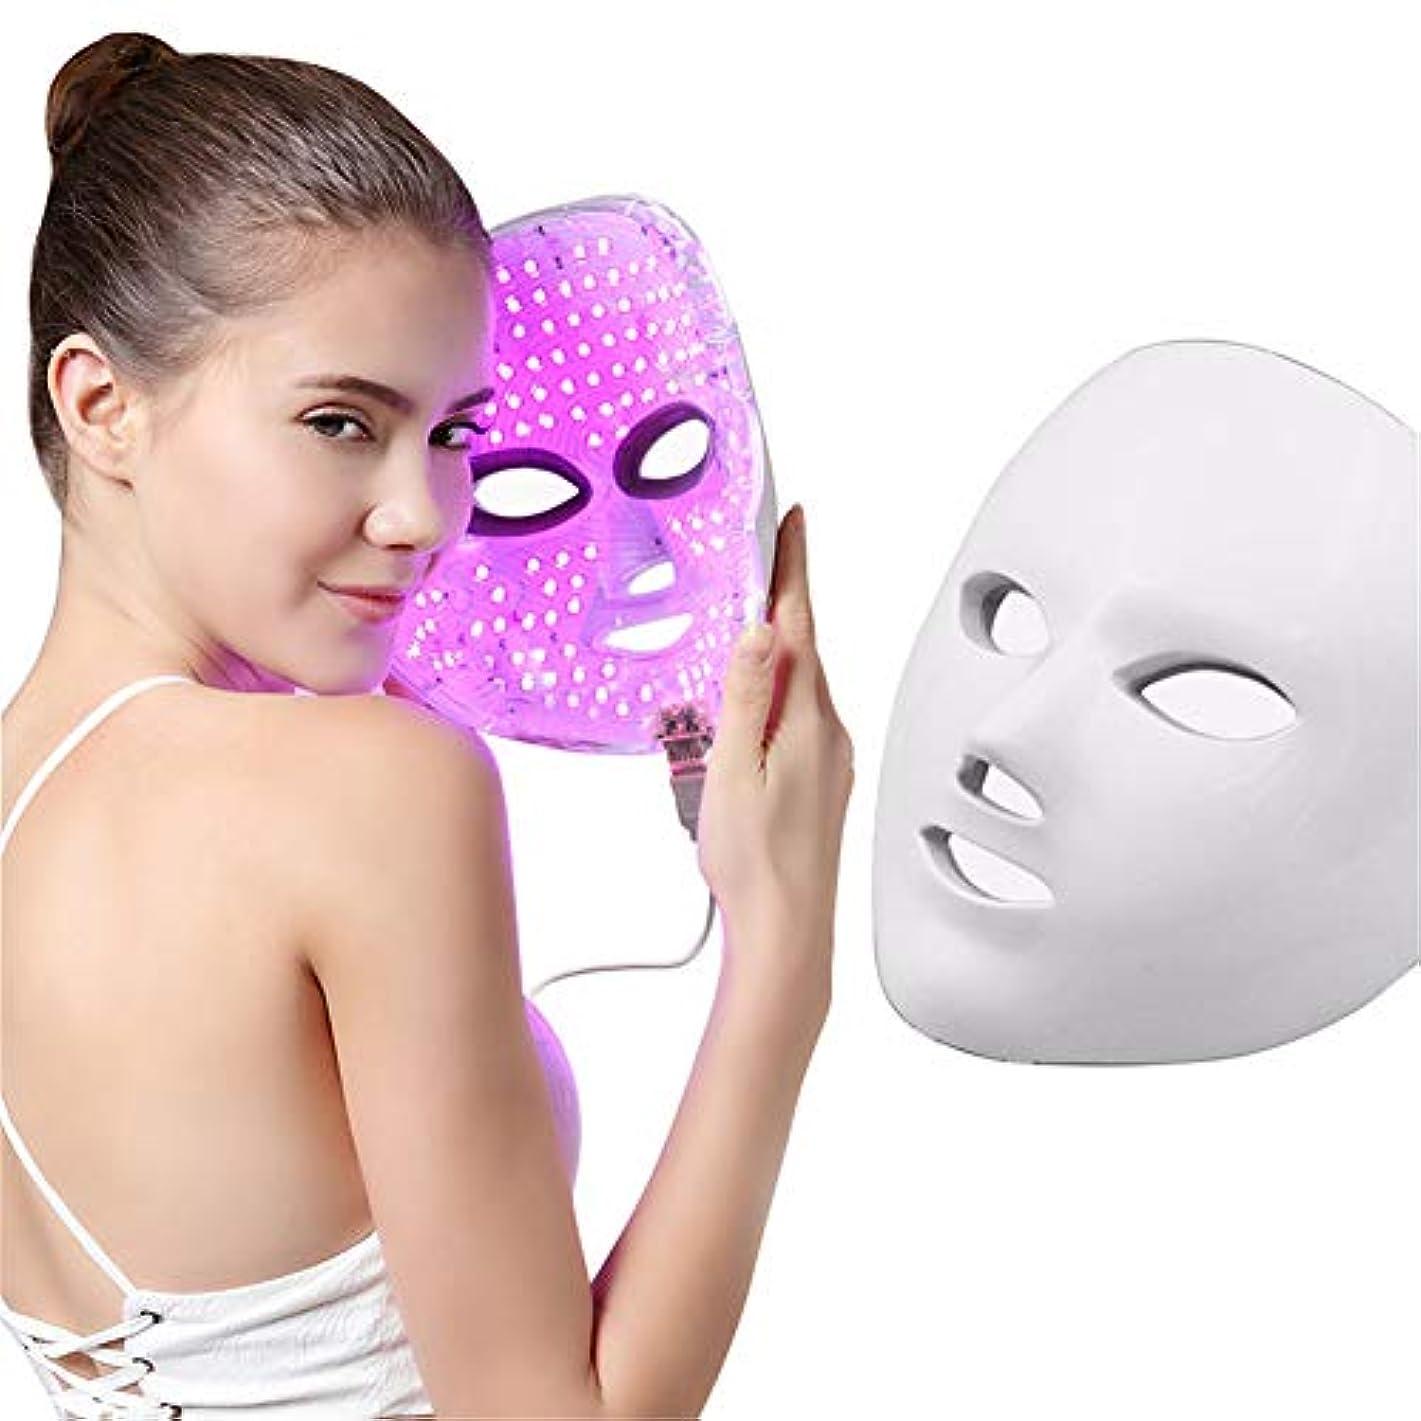 喜び戻る書店7色ledマスク若返りにきび除去しわライト美容マスクled光線療法マッサージフェイシャルケア機付きリモコン